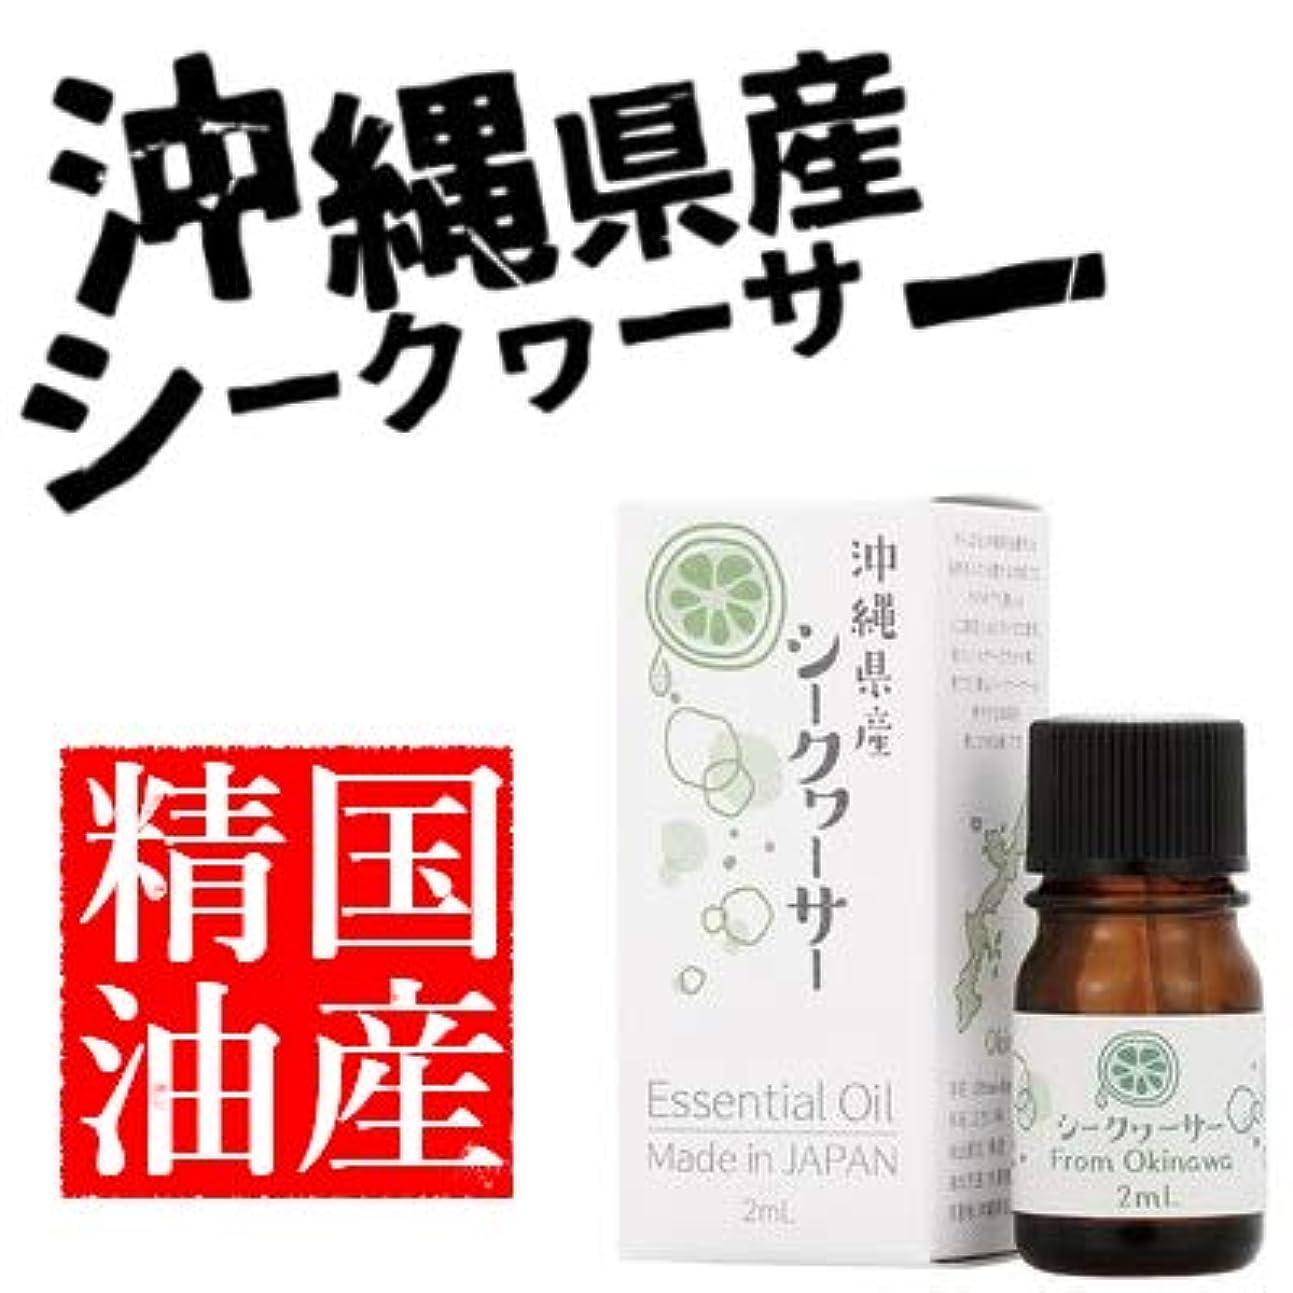 モンクなめらか強調する日本の香りシリーズ シークヮーサー エッセンシャルオイル 国産精油 沖縄県産 2ml …